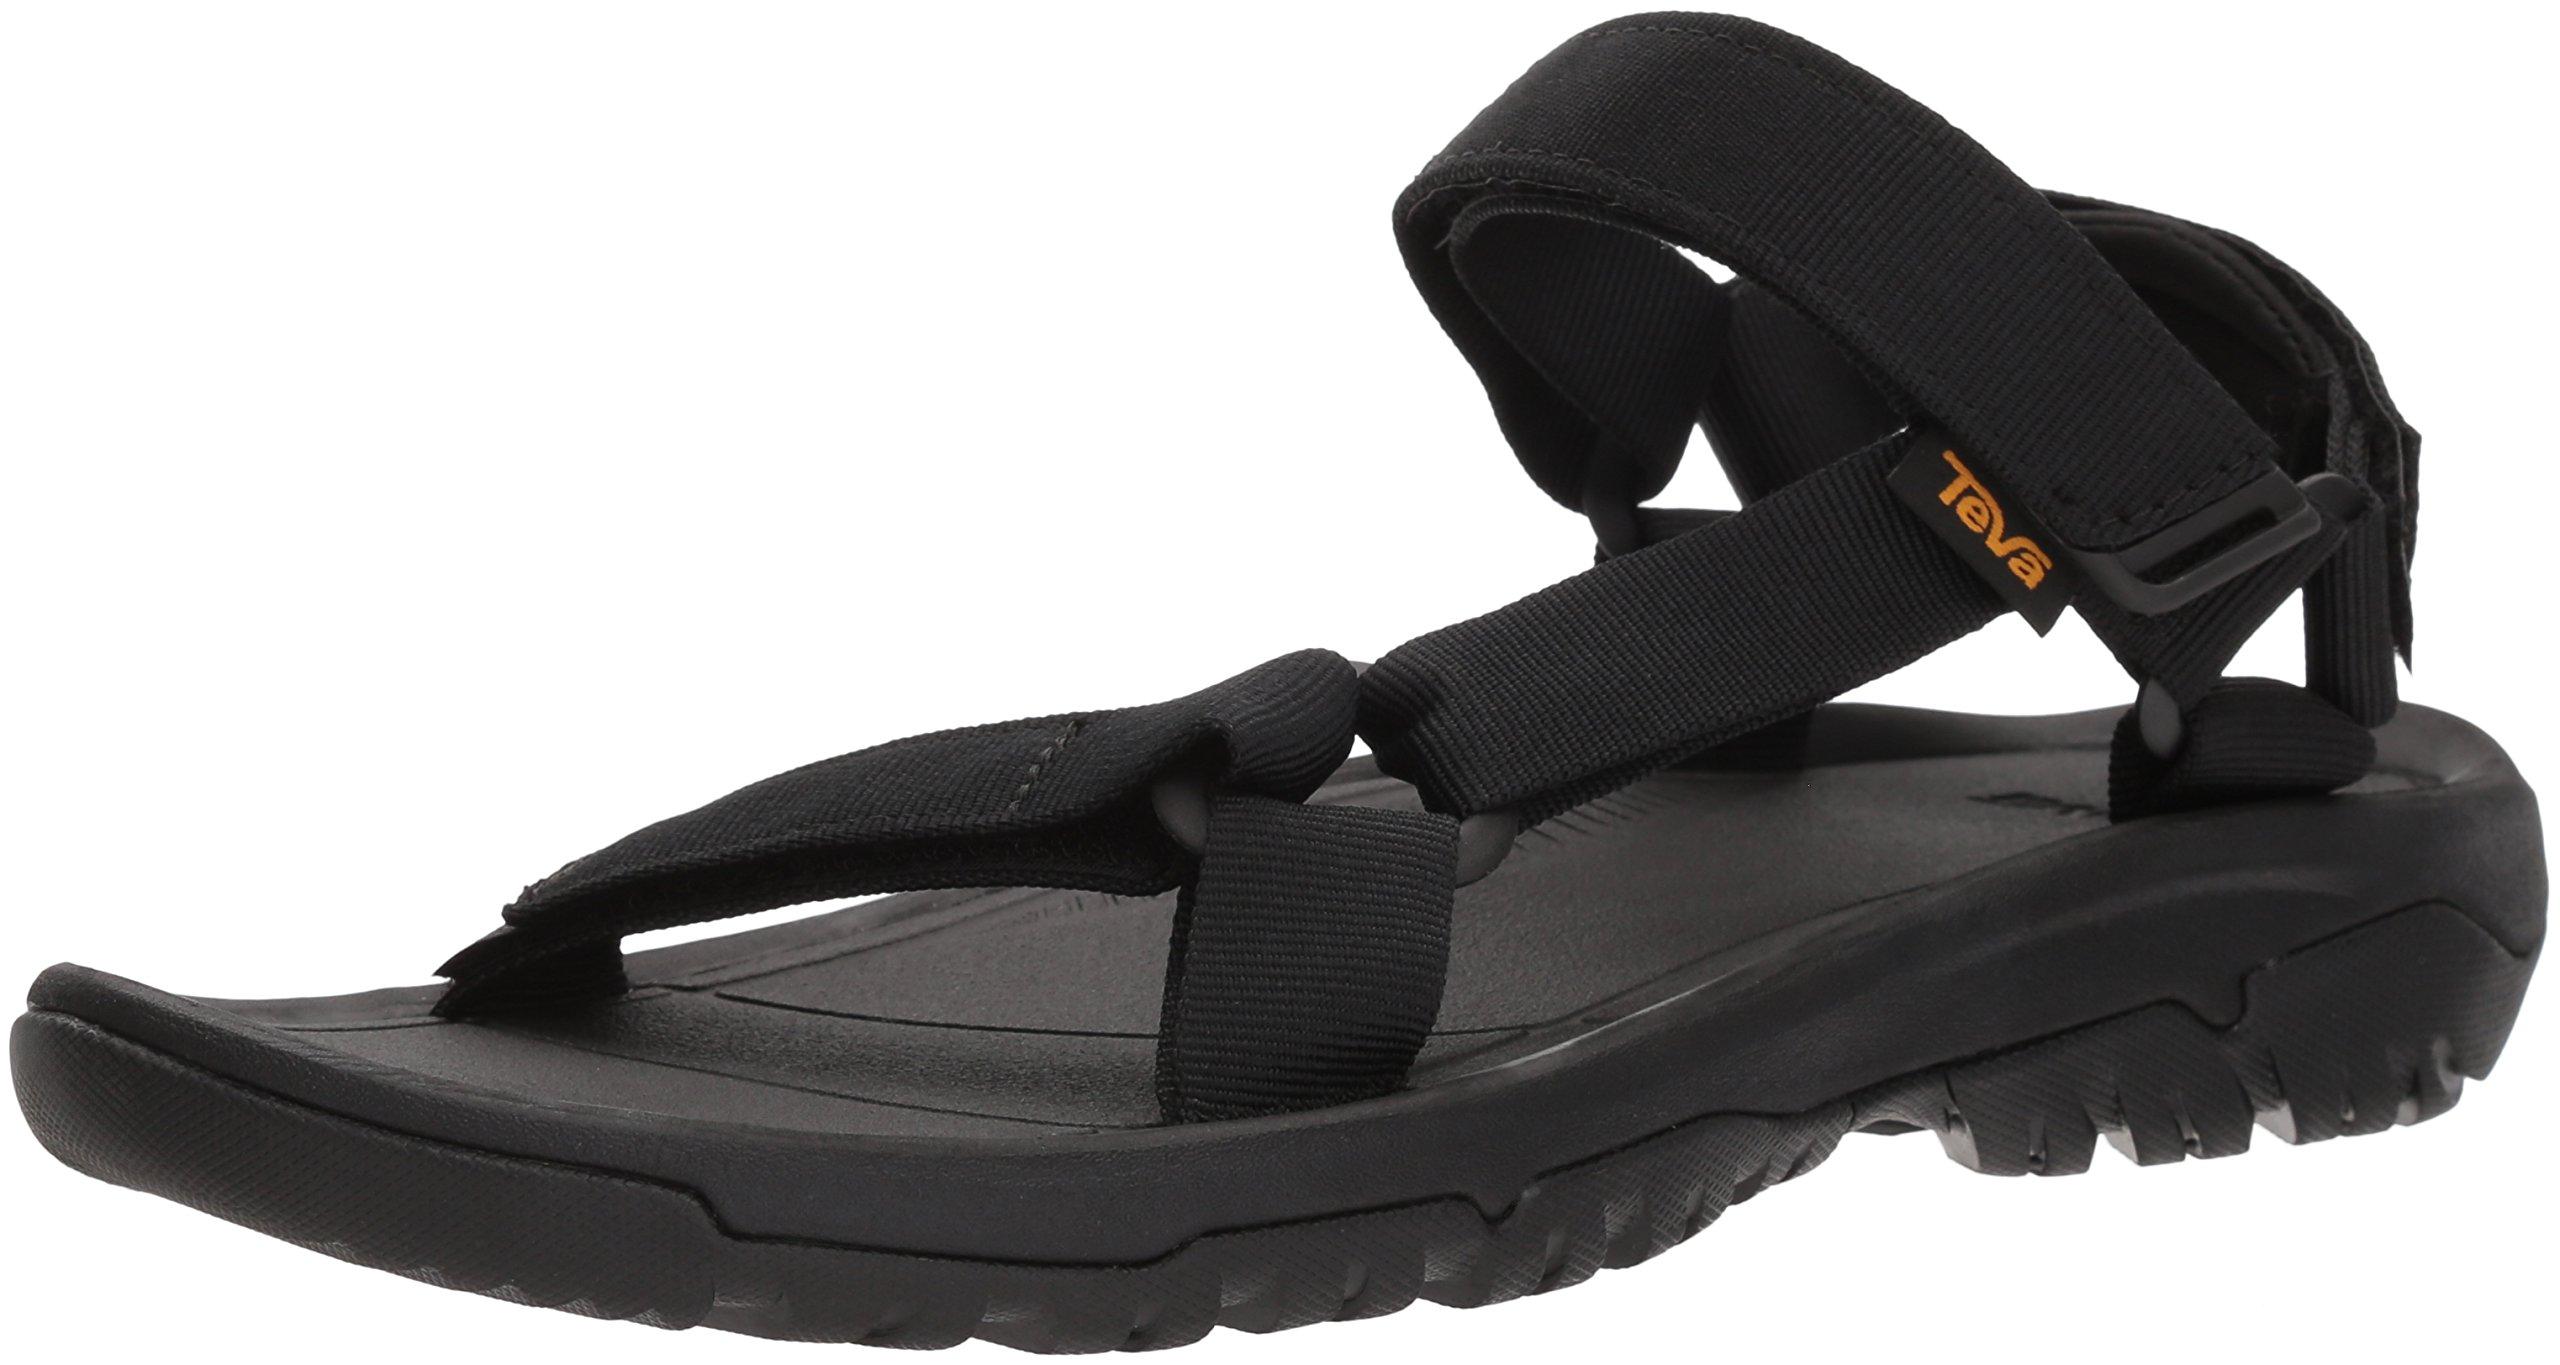 Teva Men's M Hurricane XLT2 Sport Sandal, Black, 7 M US